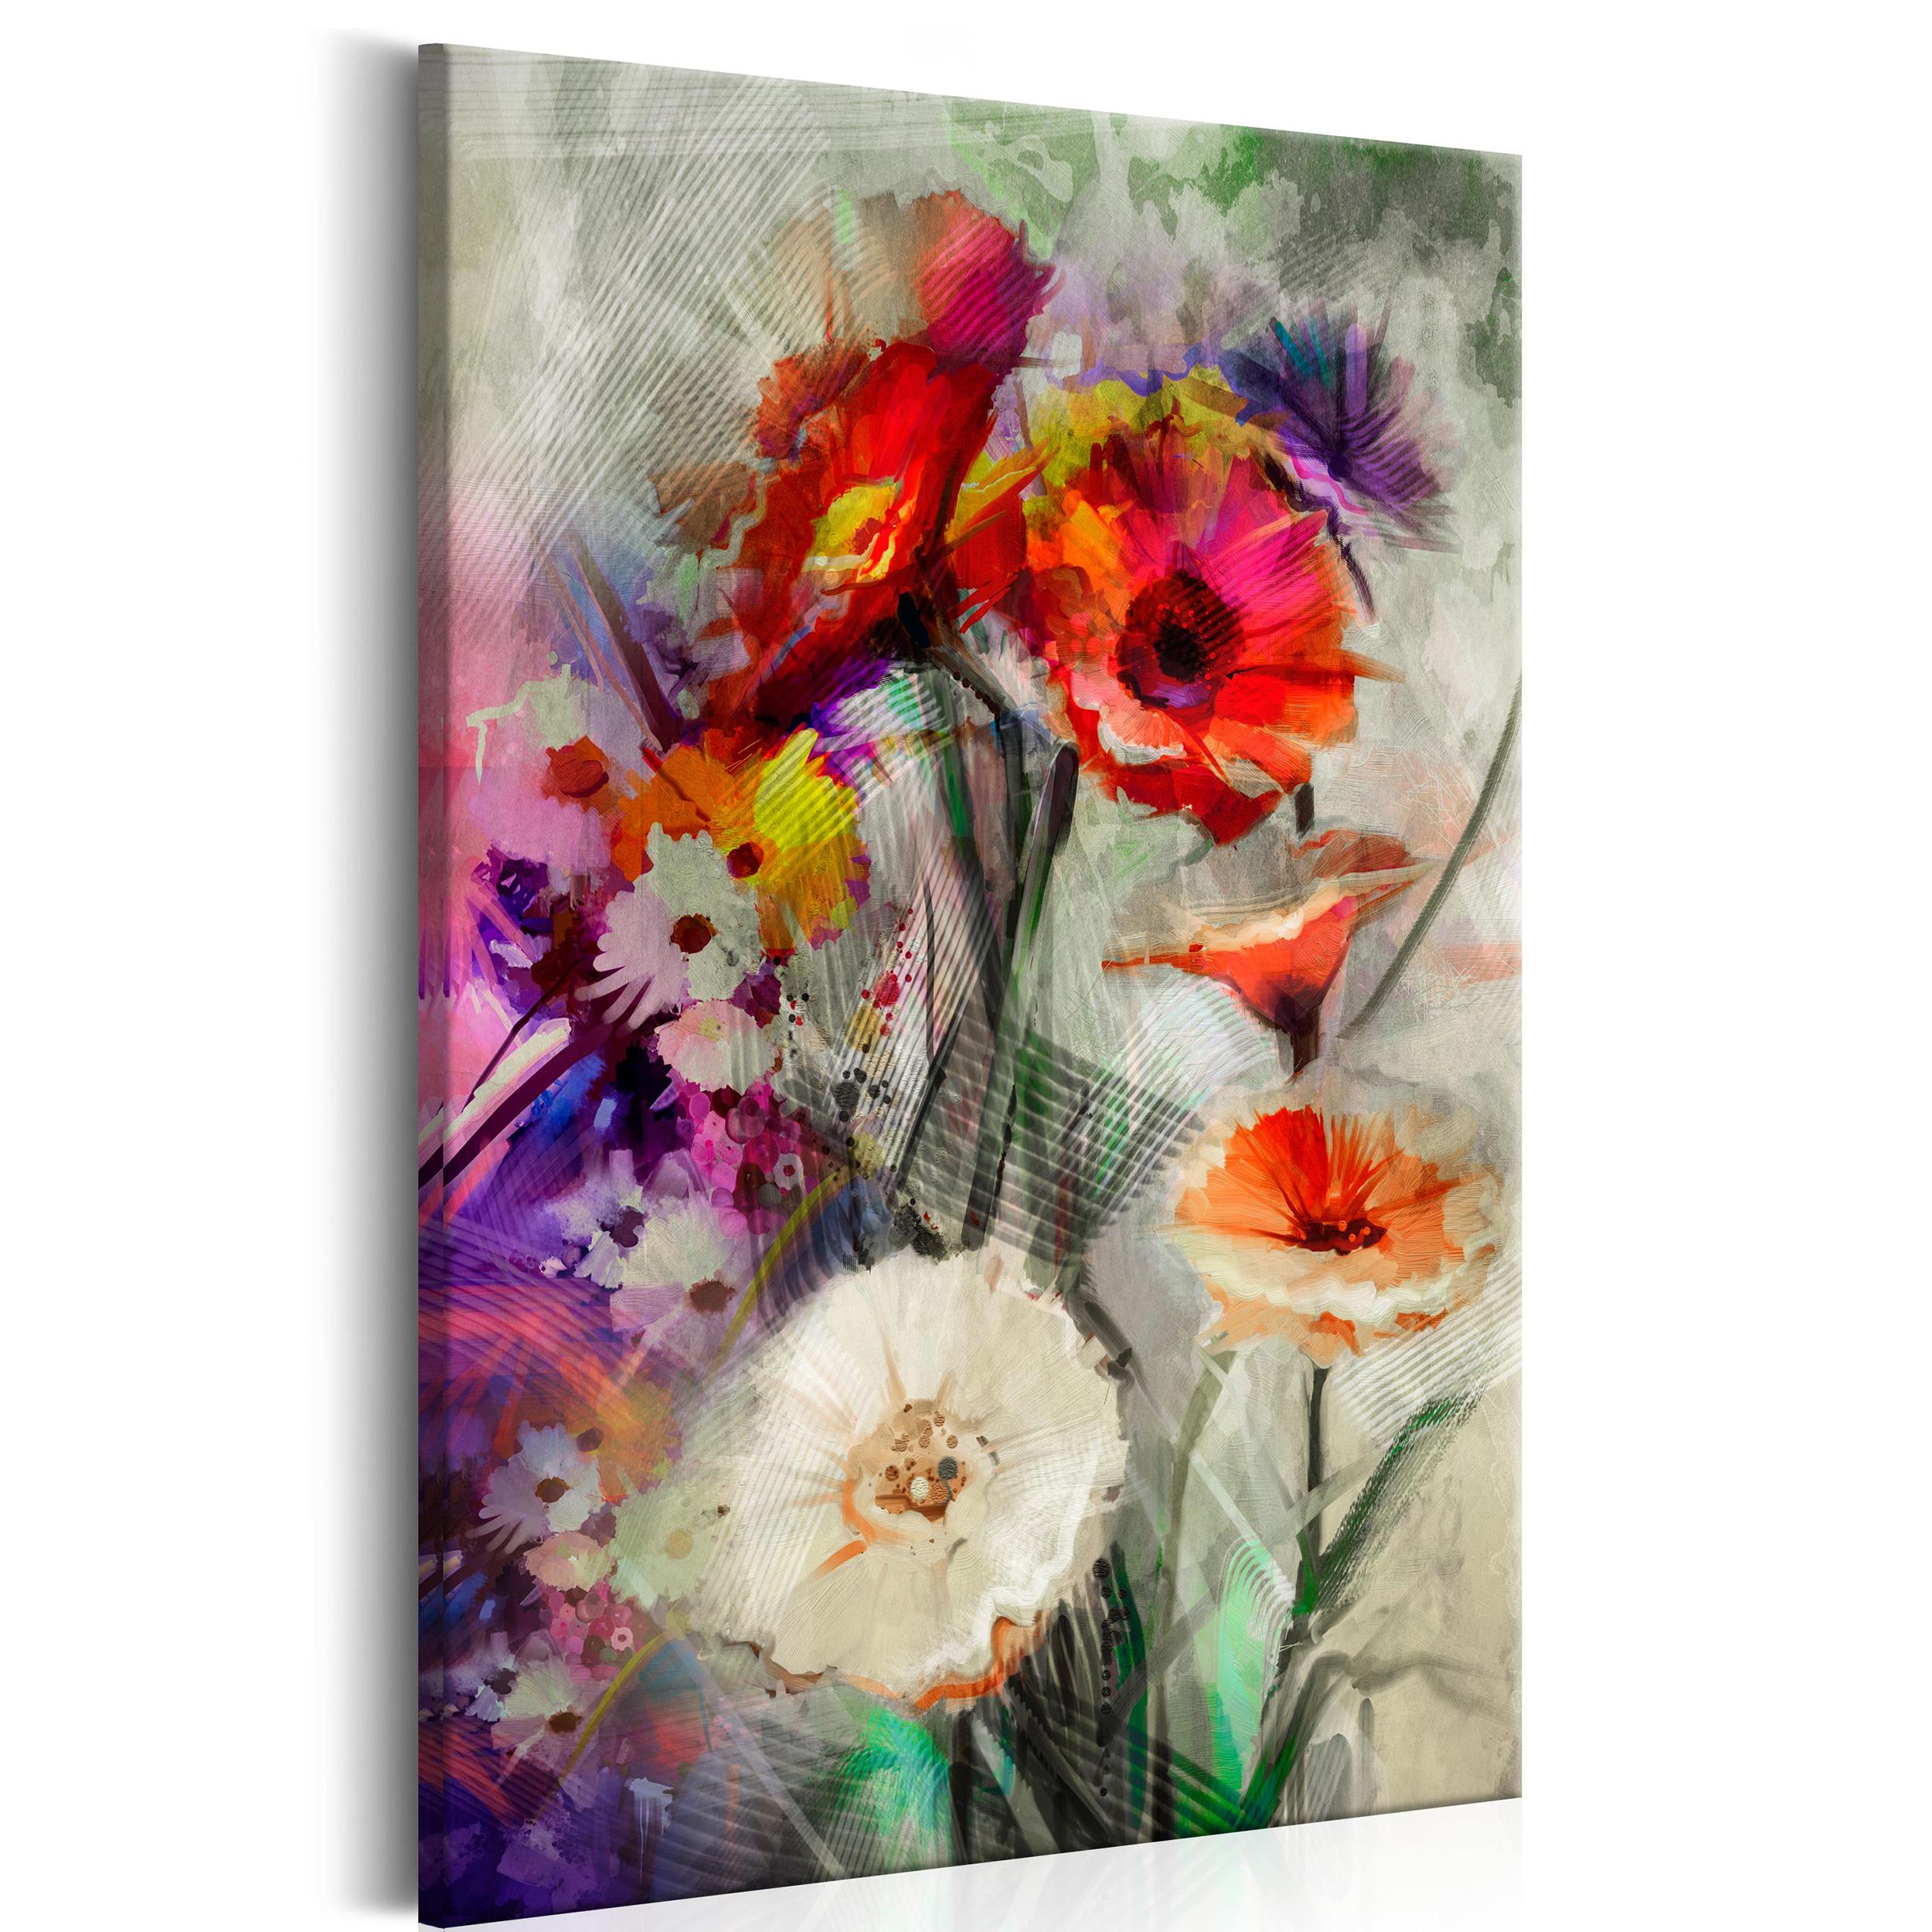 Leinwand bild blumen abstrakt bunt rosen wandbilder xxl for Wohnzimmer blumen